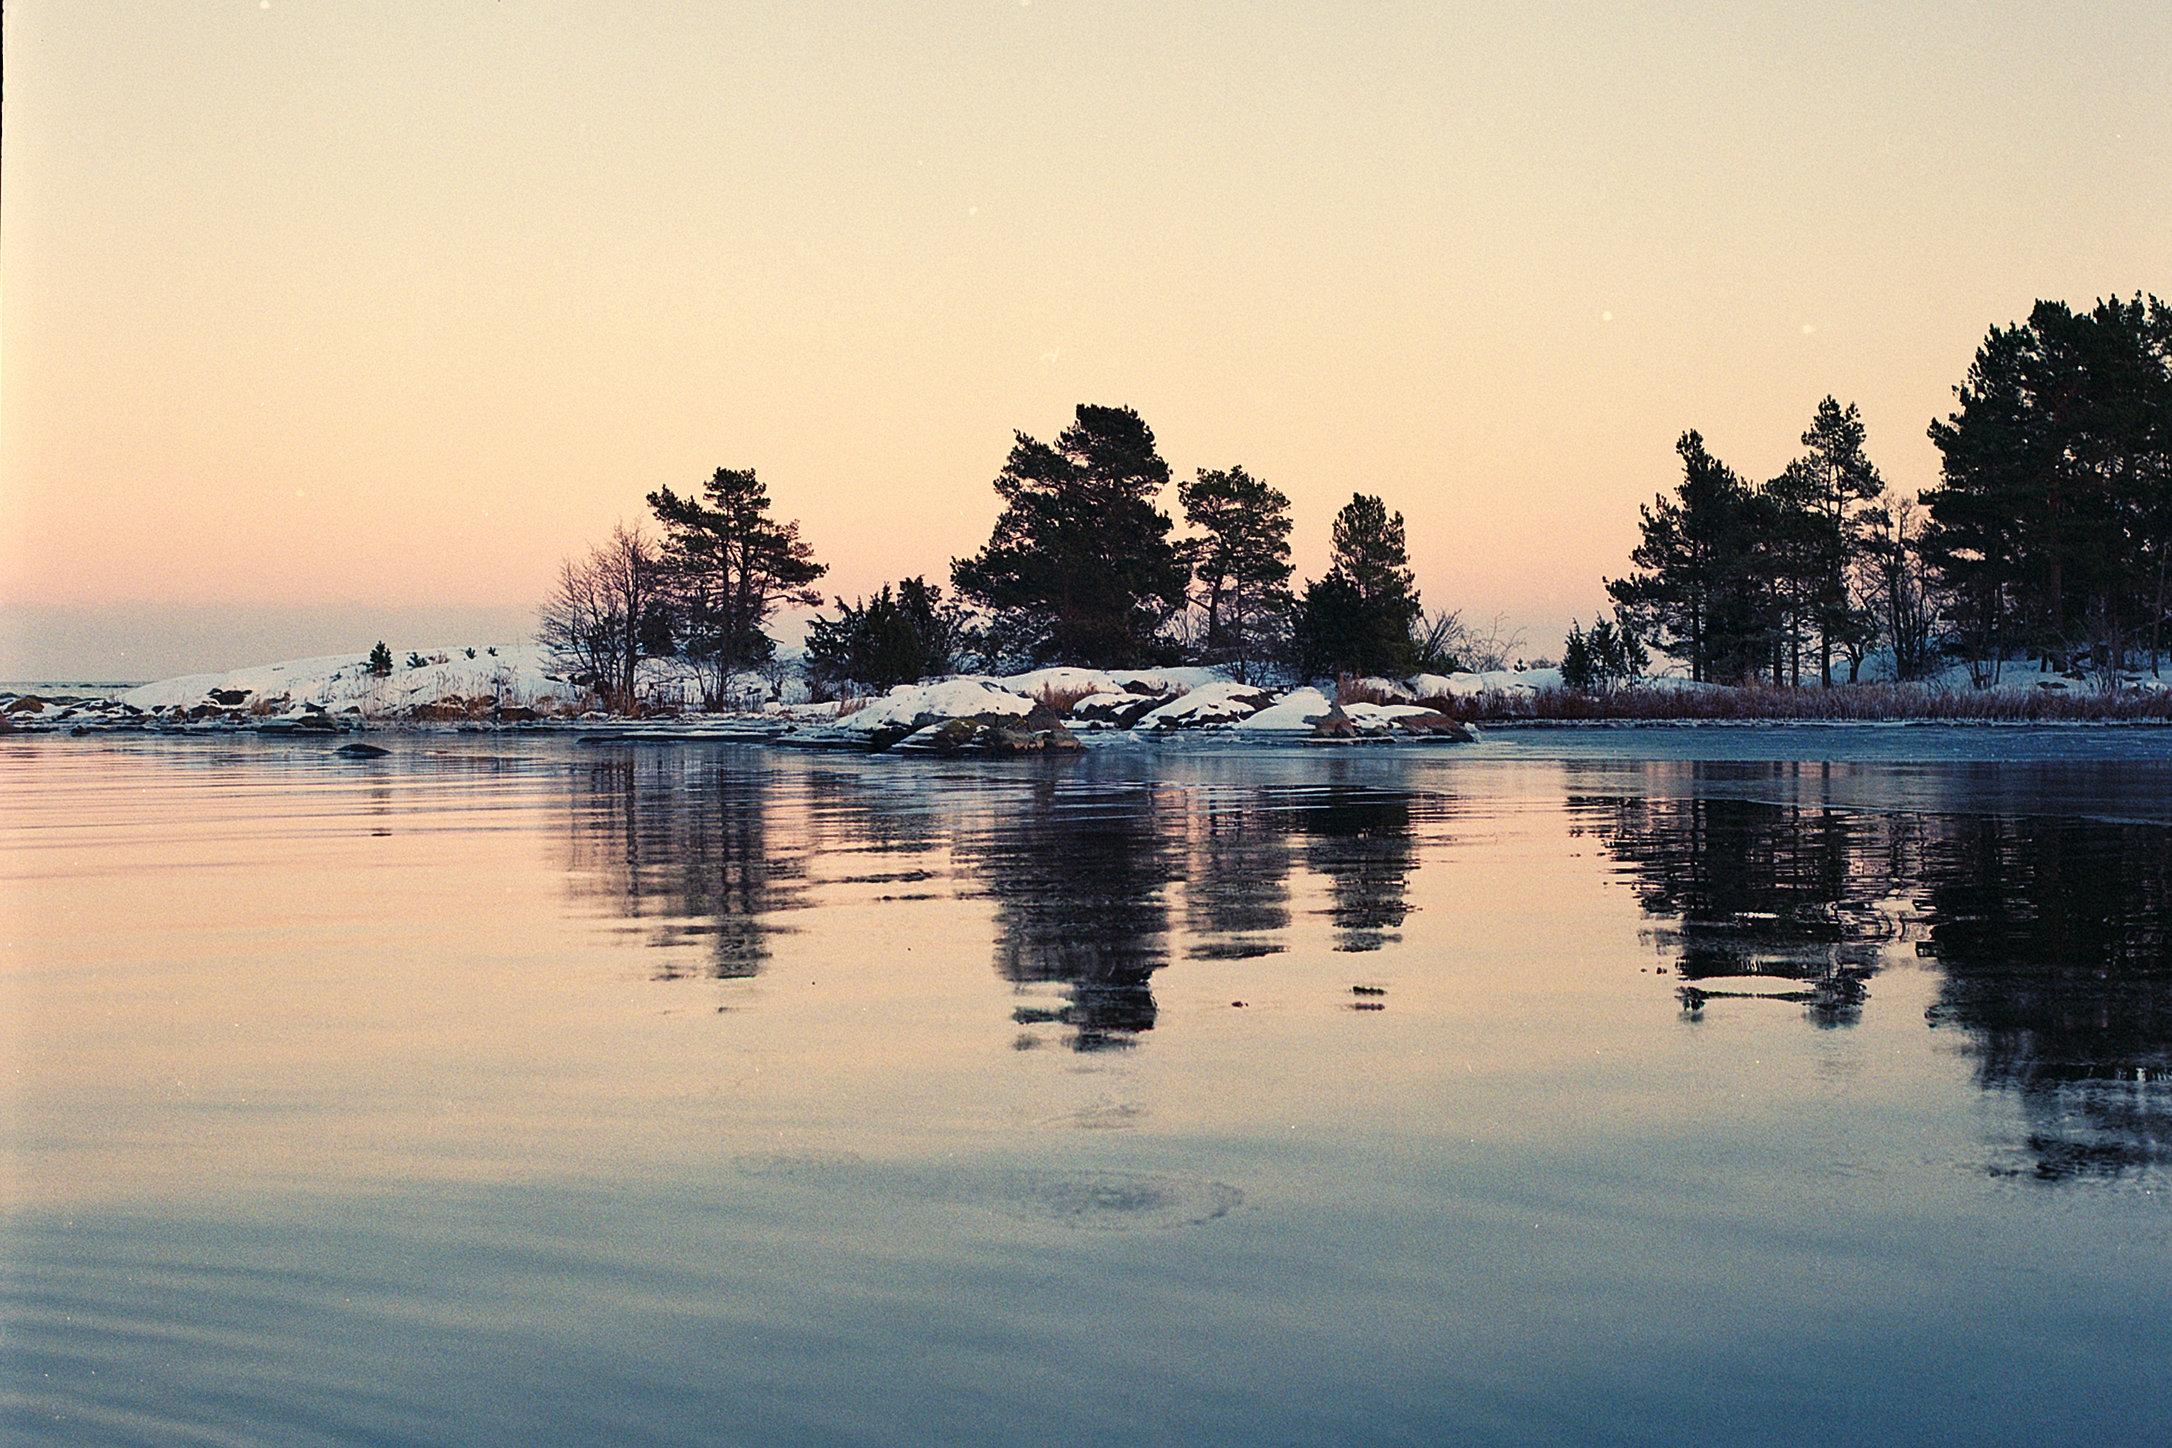 180208_Sweden_007.jpg